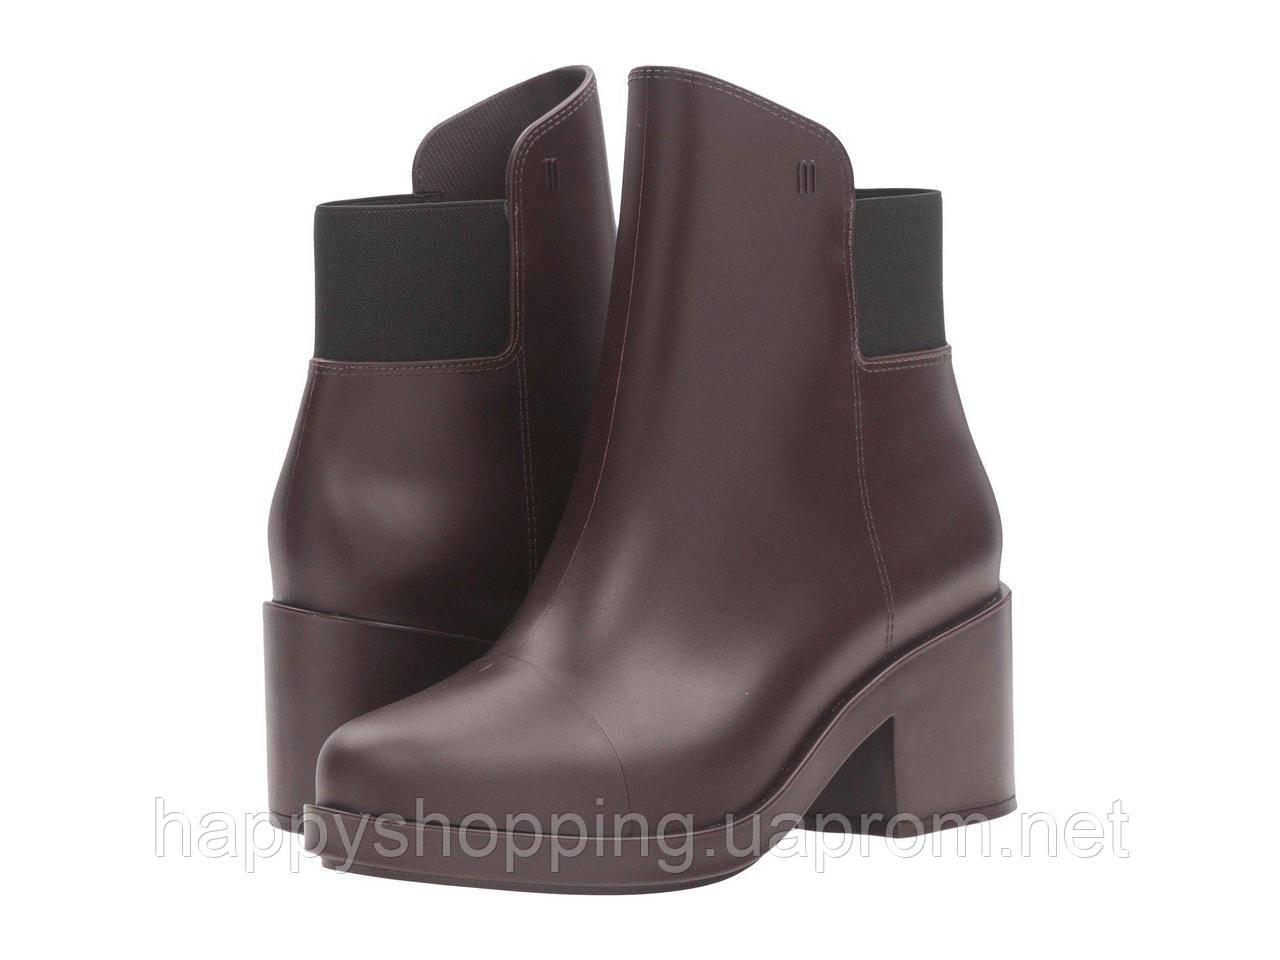 Женские пахнущие бордовые ботинки на каблуке популярного бразильского бренда  Melissa